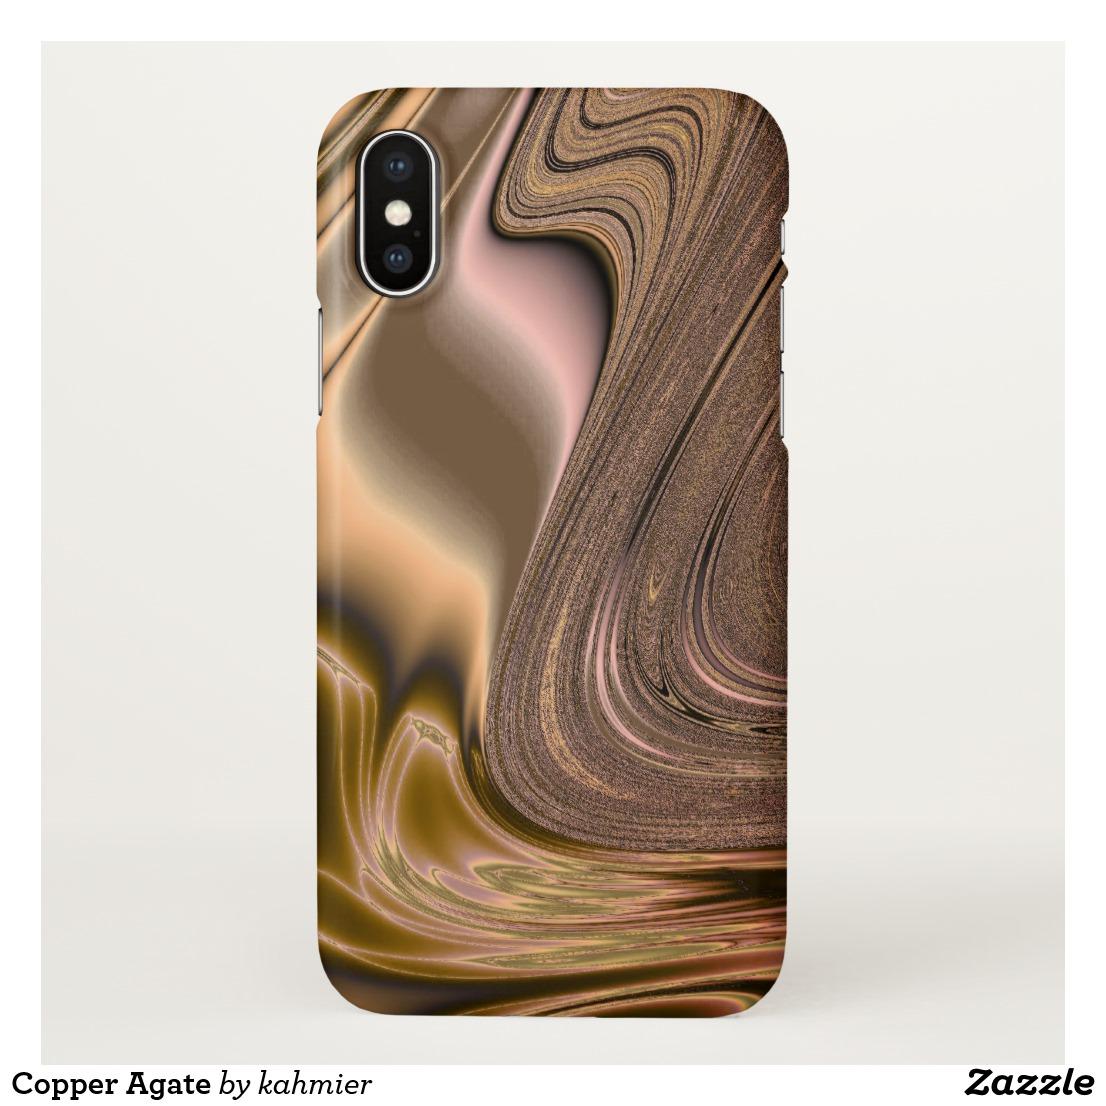 Copper Agate iPhone X Case